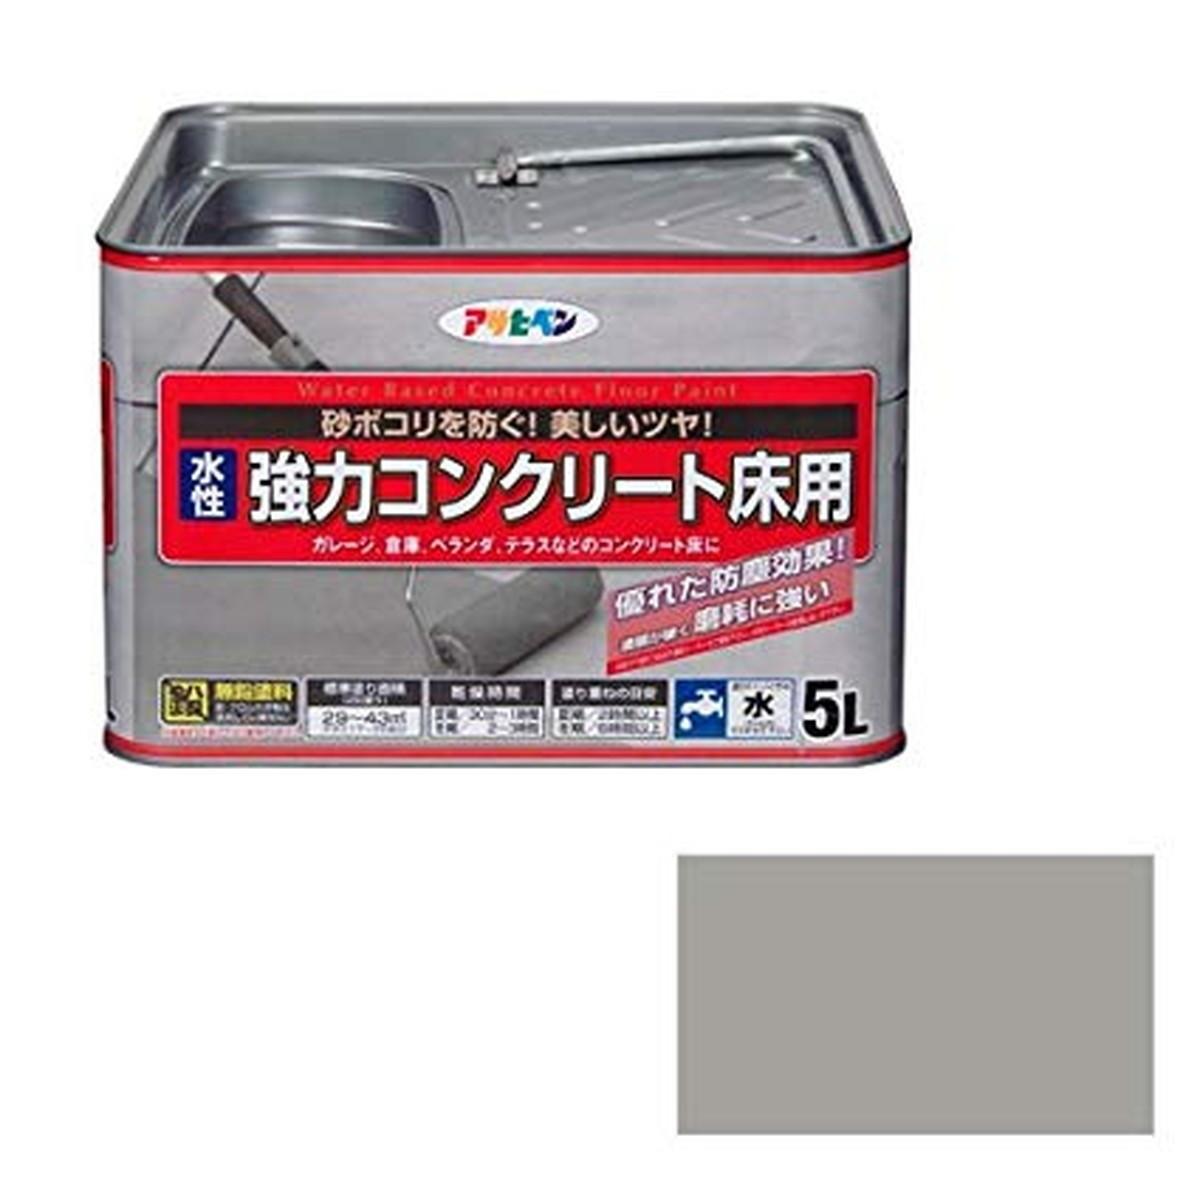 アサヒペン 水性強力コンクリート床用 ライトグレー 5L 塗料【クーポン配布中】